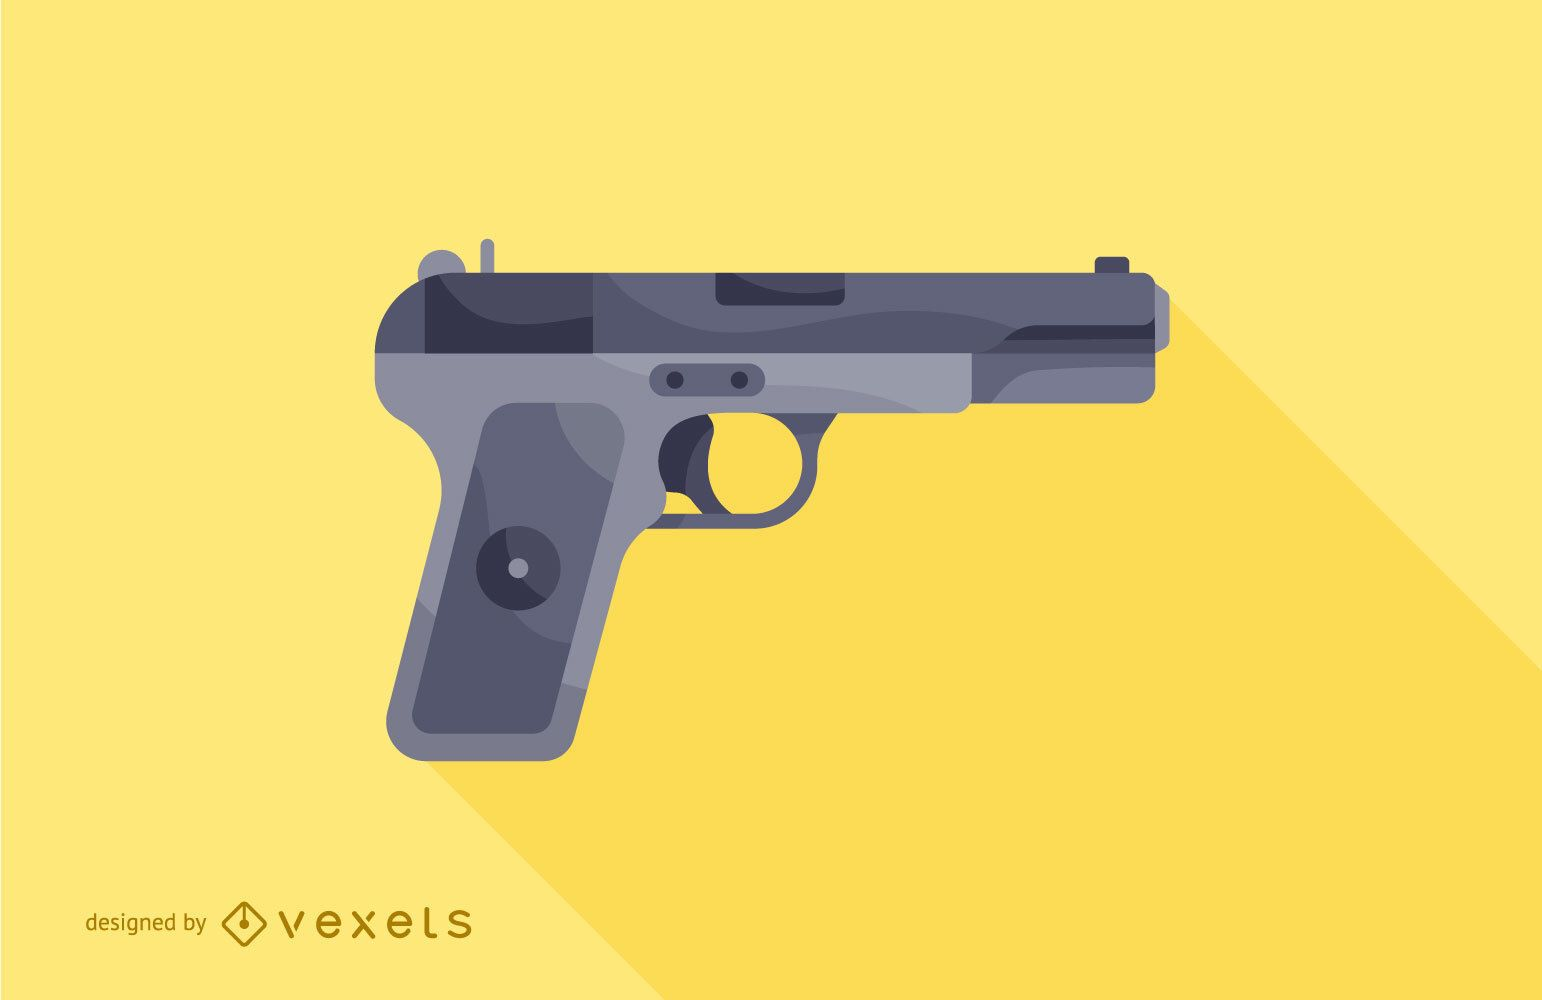 ilustración de pistola de arma de fuego